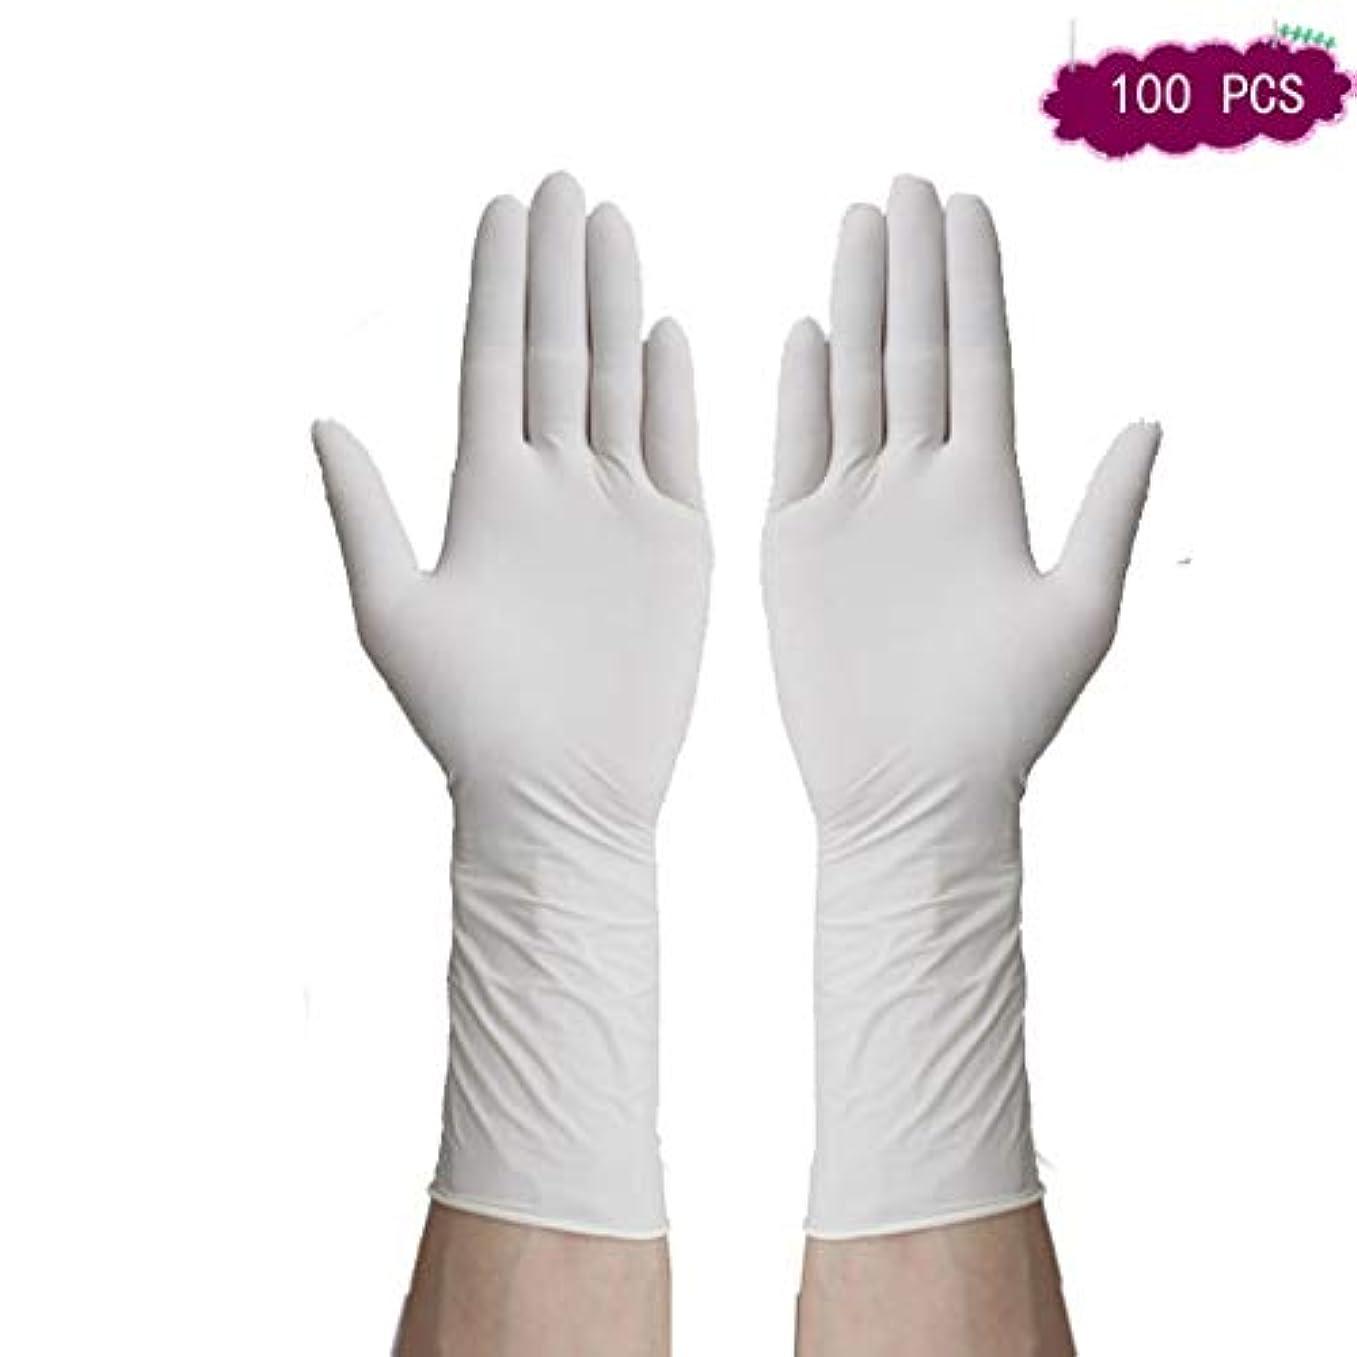 フォルダ離婚晴れ滑り止めの摩耗手袋厚み付けないパウダーのための長い袖口と使い捨てラテックス手袋ニトリル12インチの保護手袋 (Size : S)